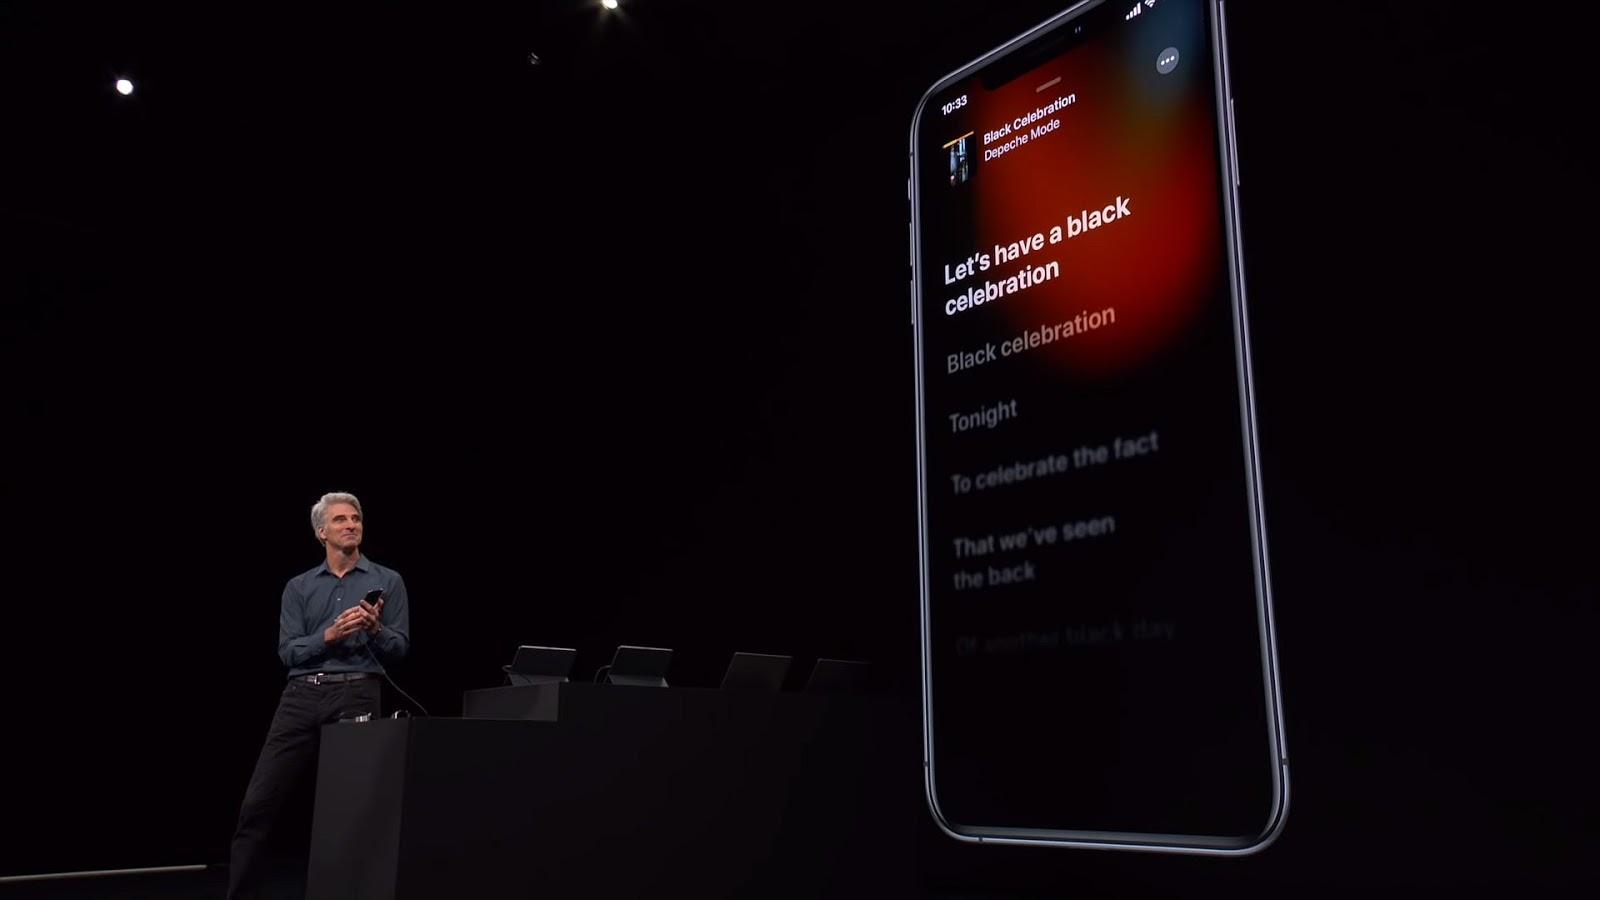 ميزة مزامنة الكلمات مع الأغنية تظهر على تطبيق Apple Music لمنصة الأندرويد قبل iOS